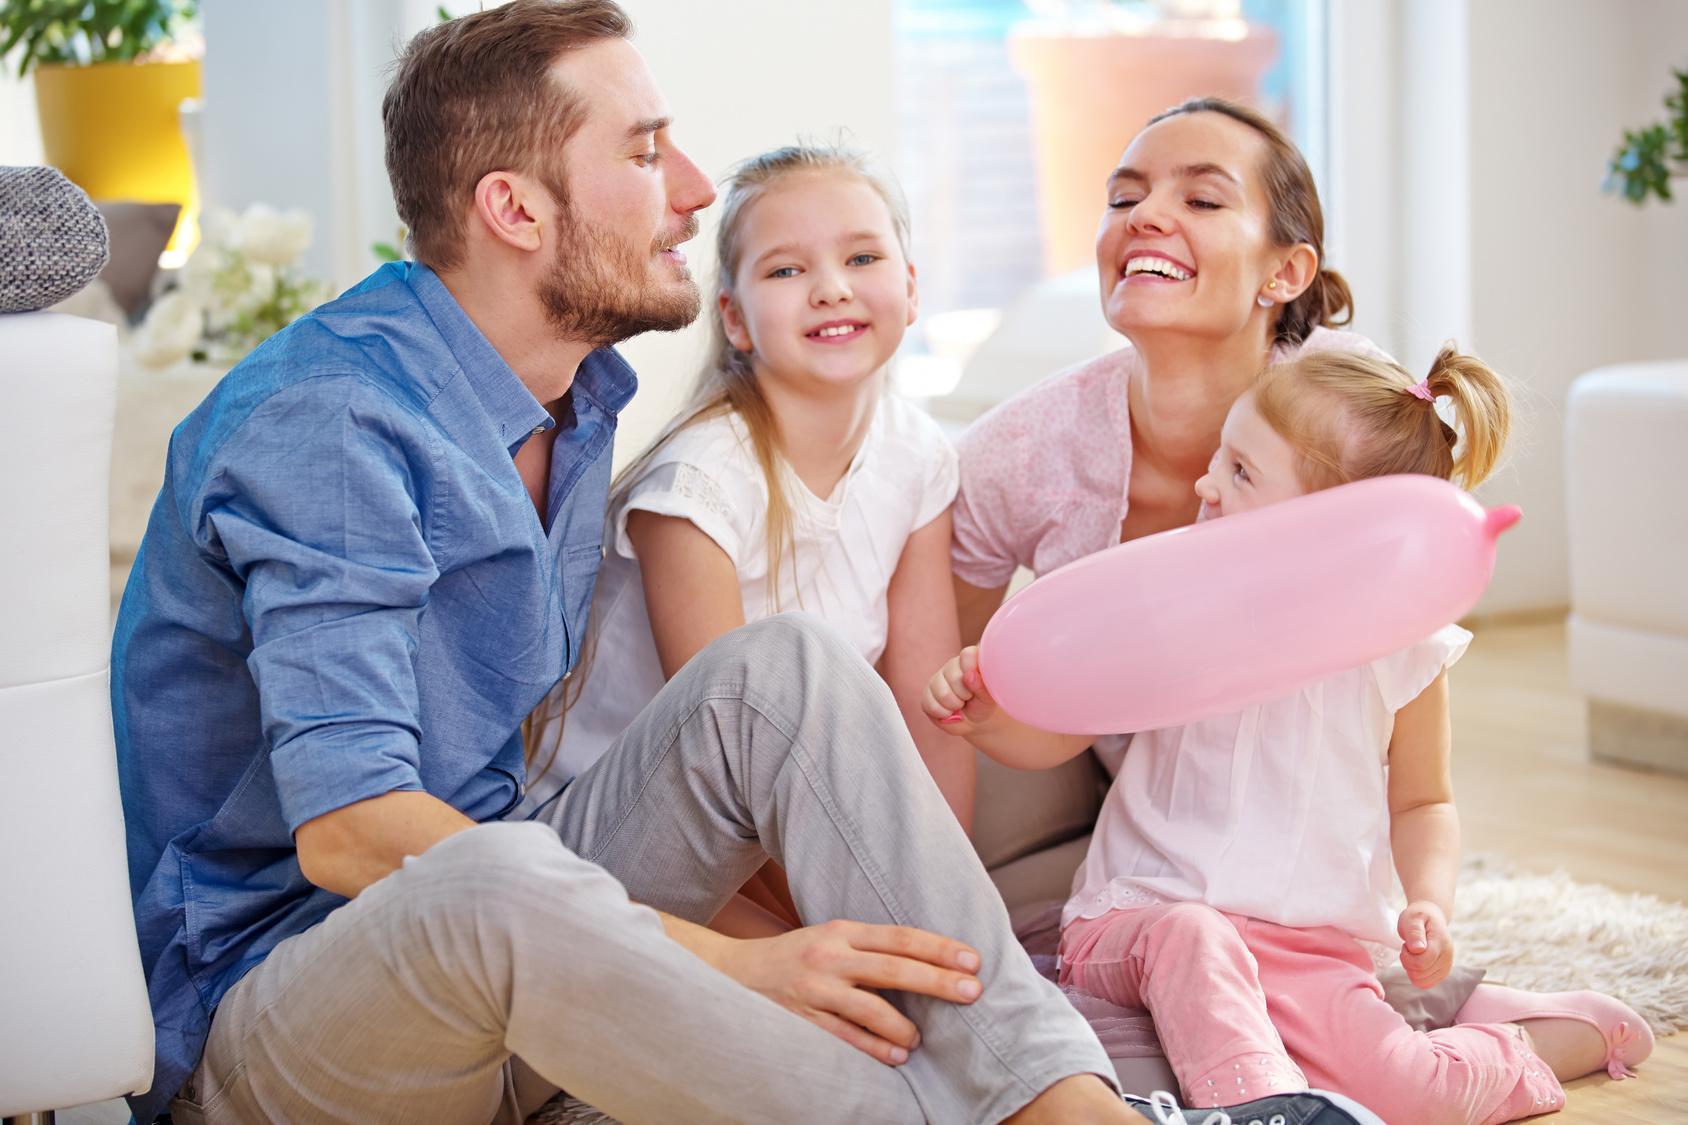 美国人的时间观念_美国实地考察后,被颠覆的家庭观念 - 知乎